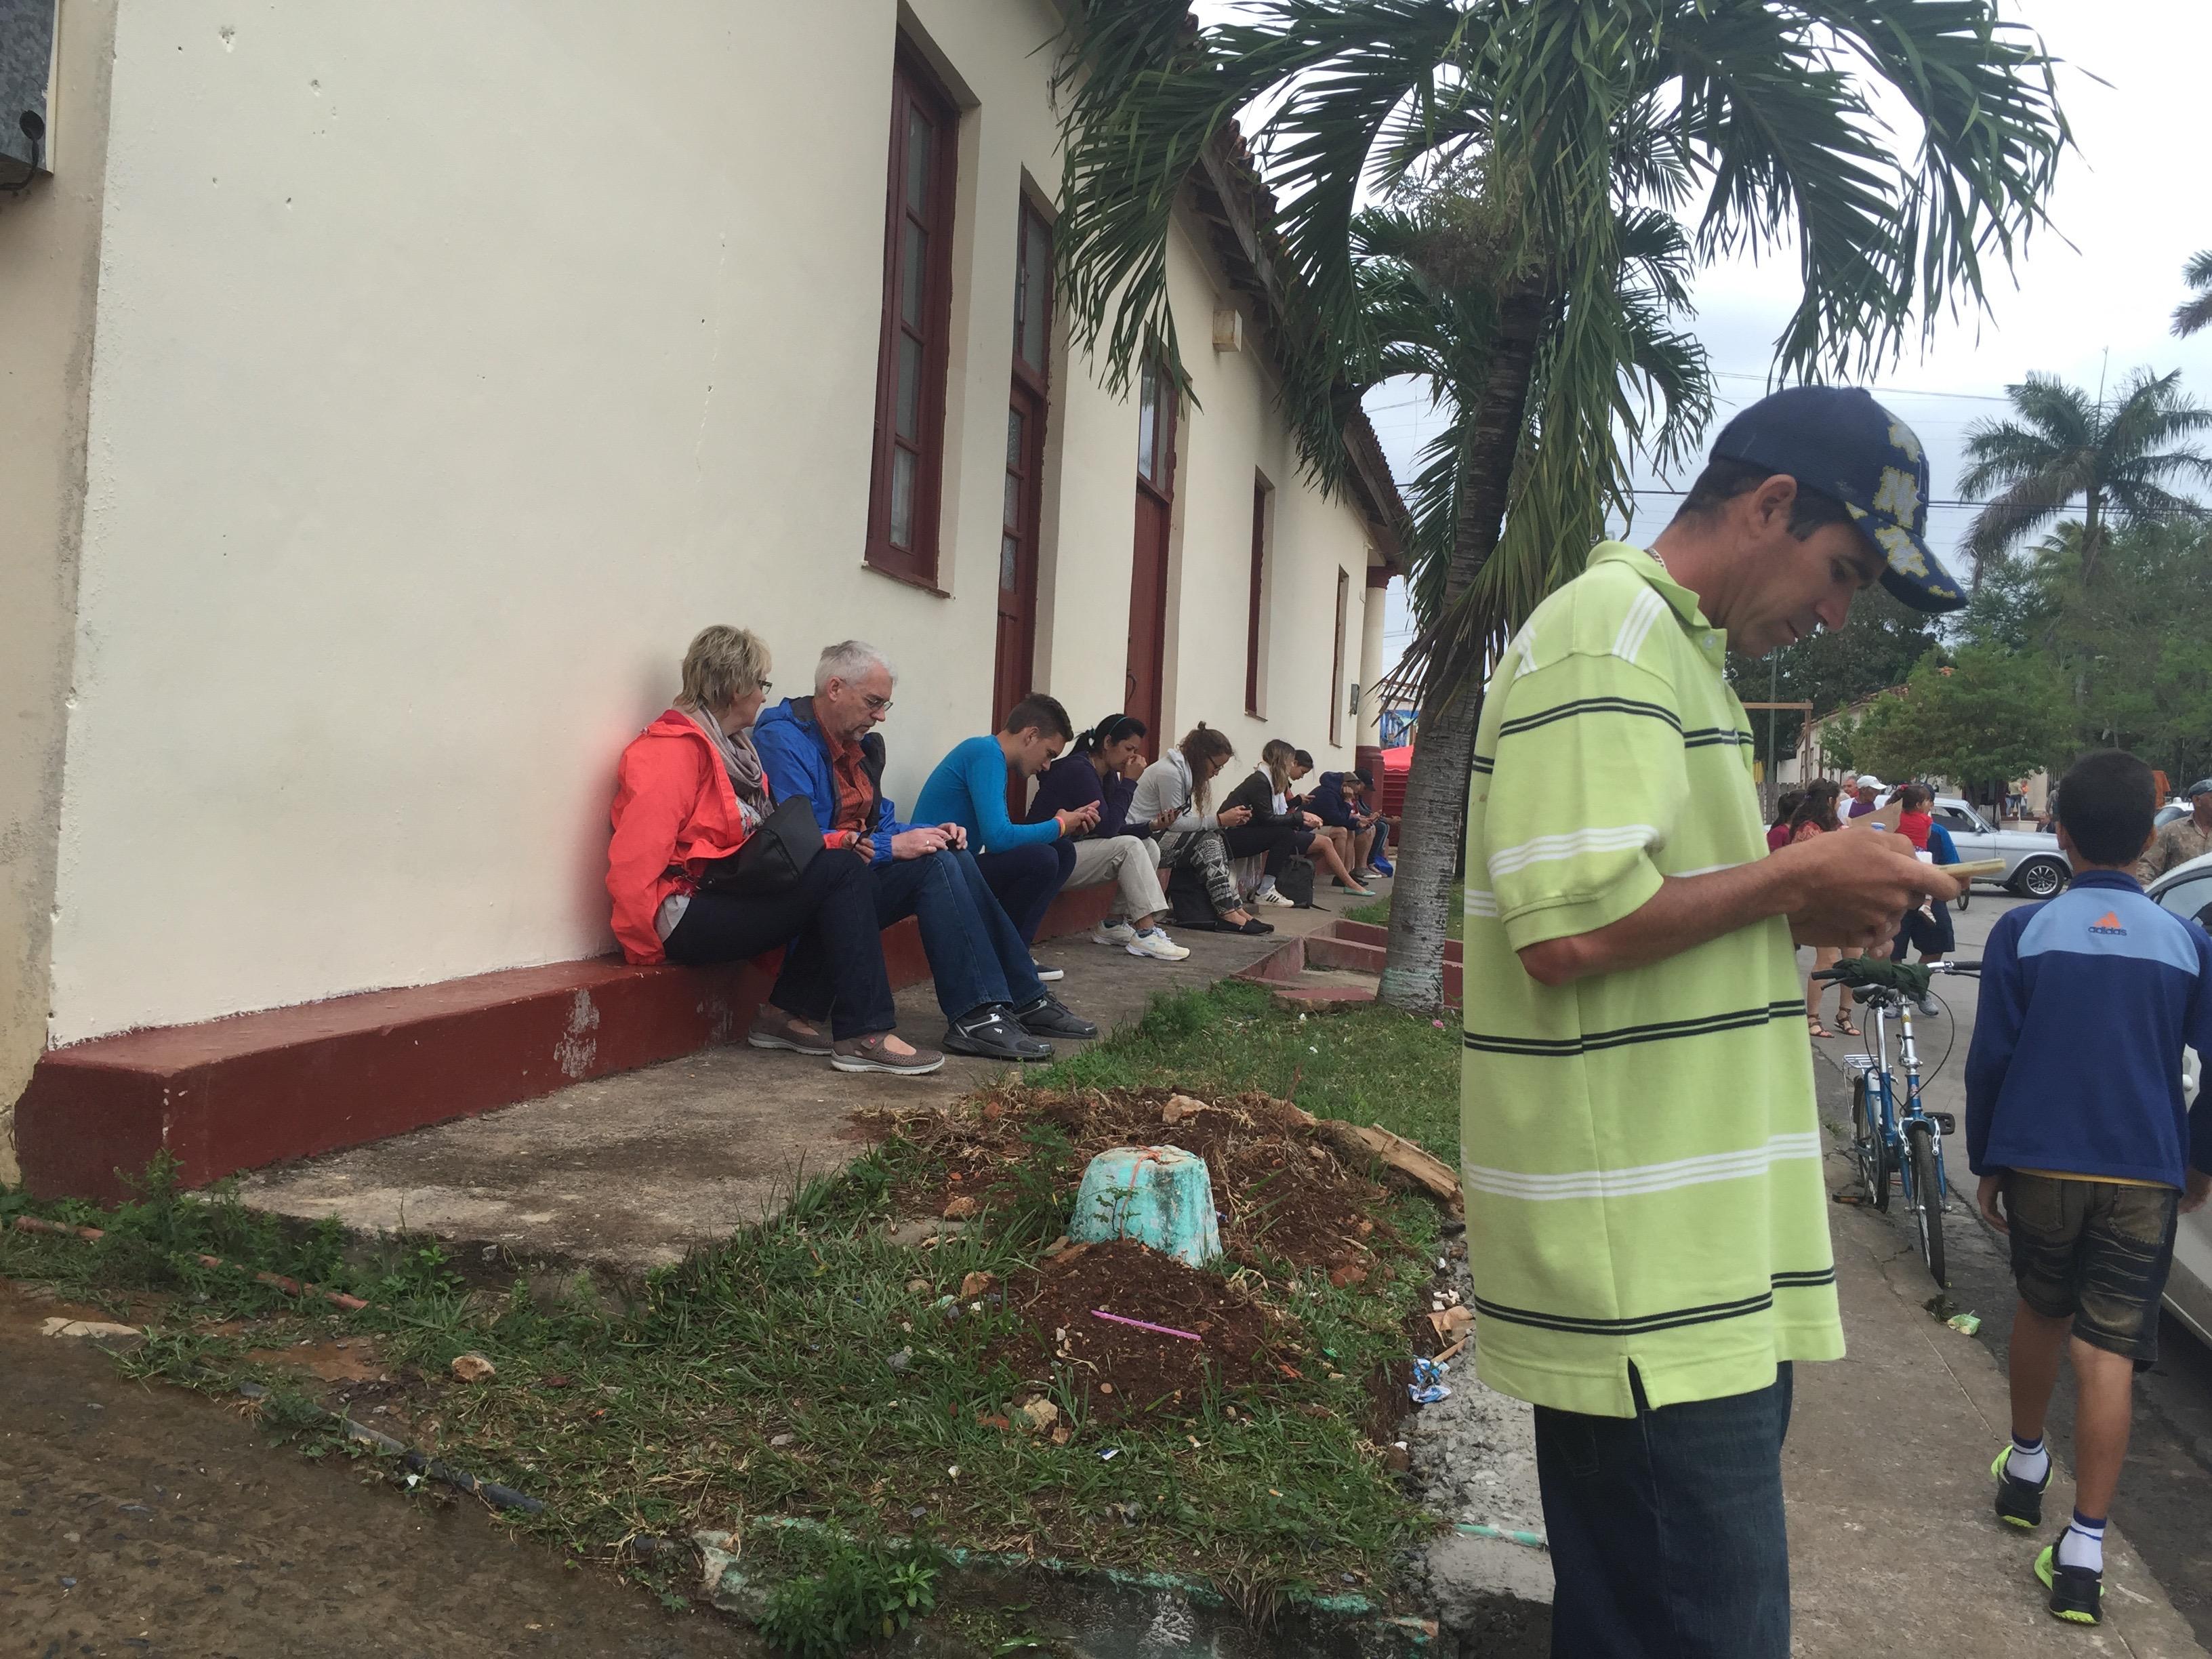 Wi-Fi users near an internet kiosk in Havana, Cuba.